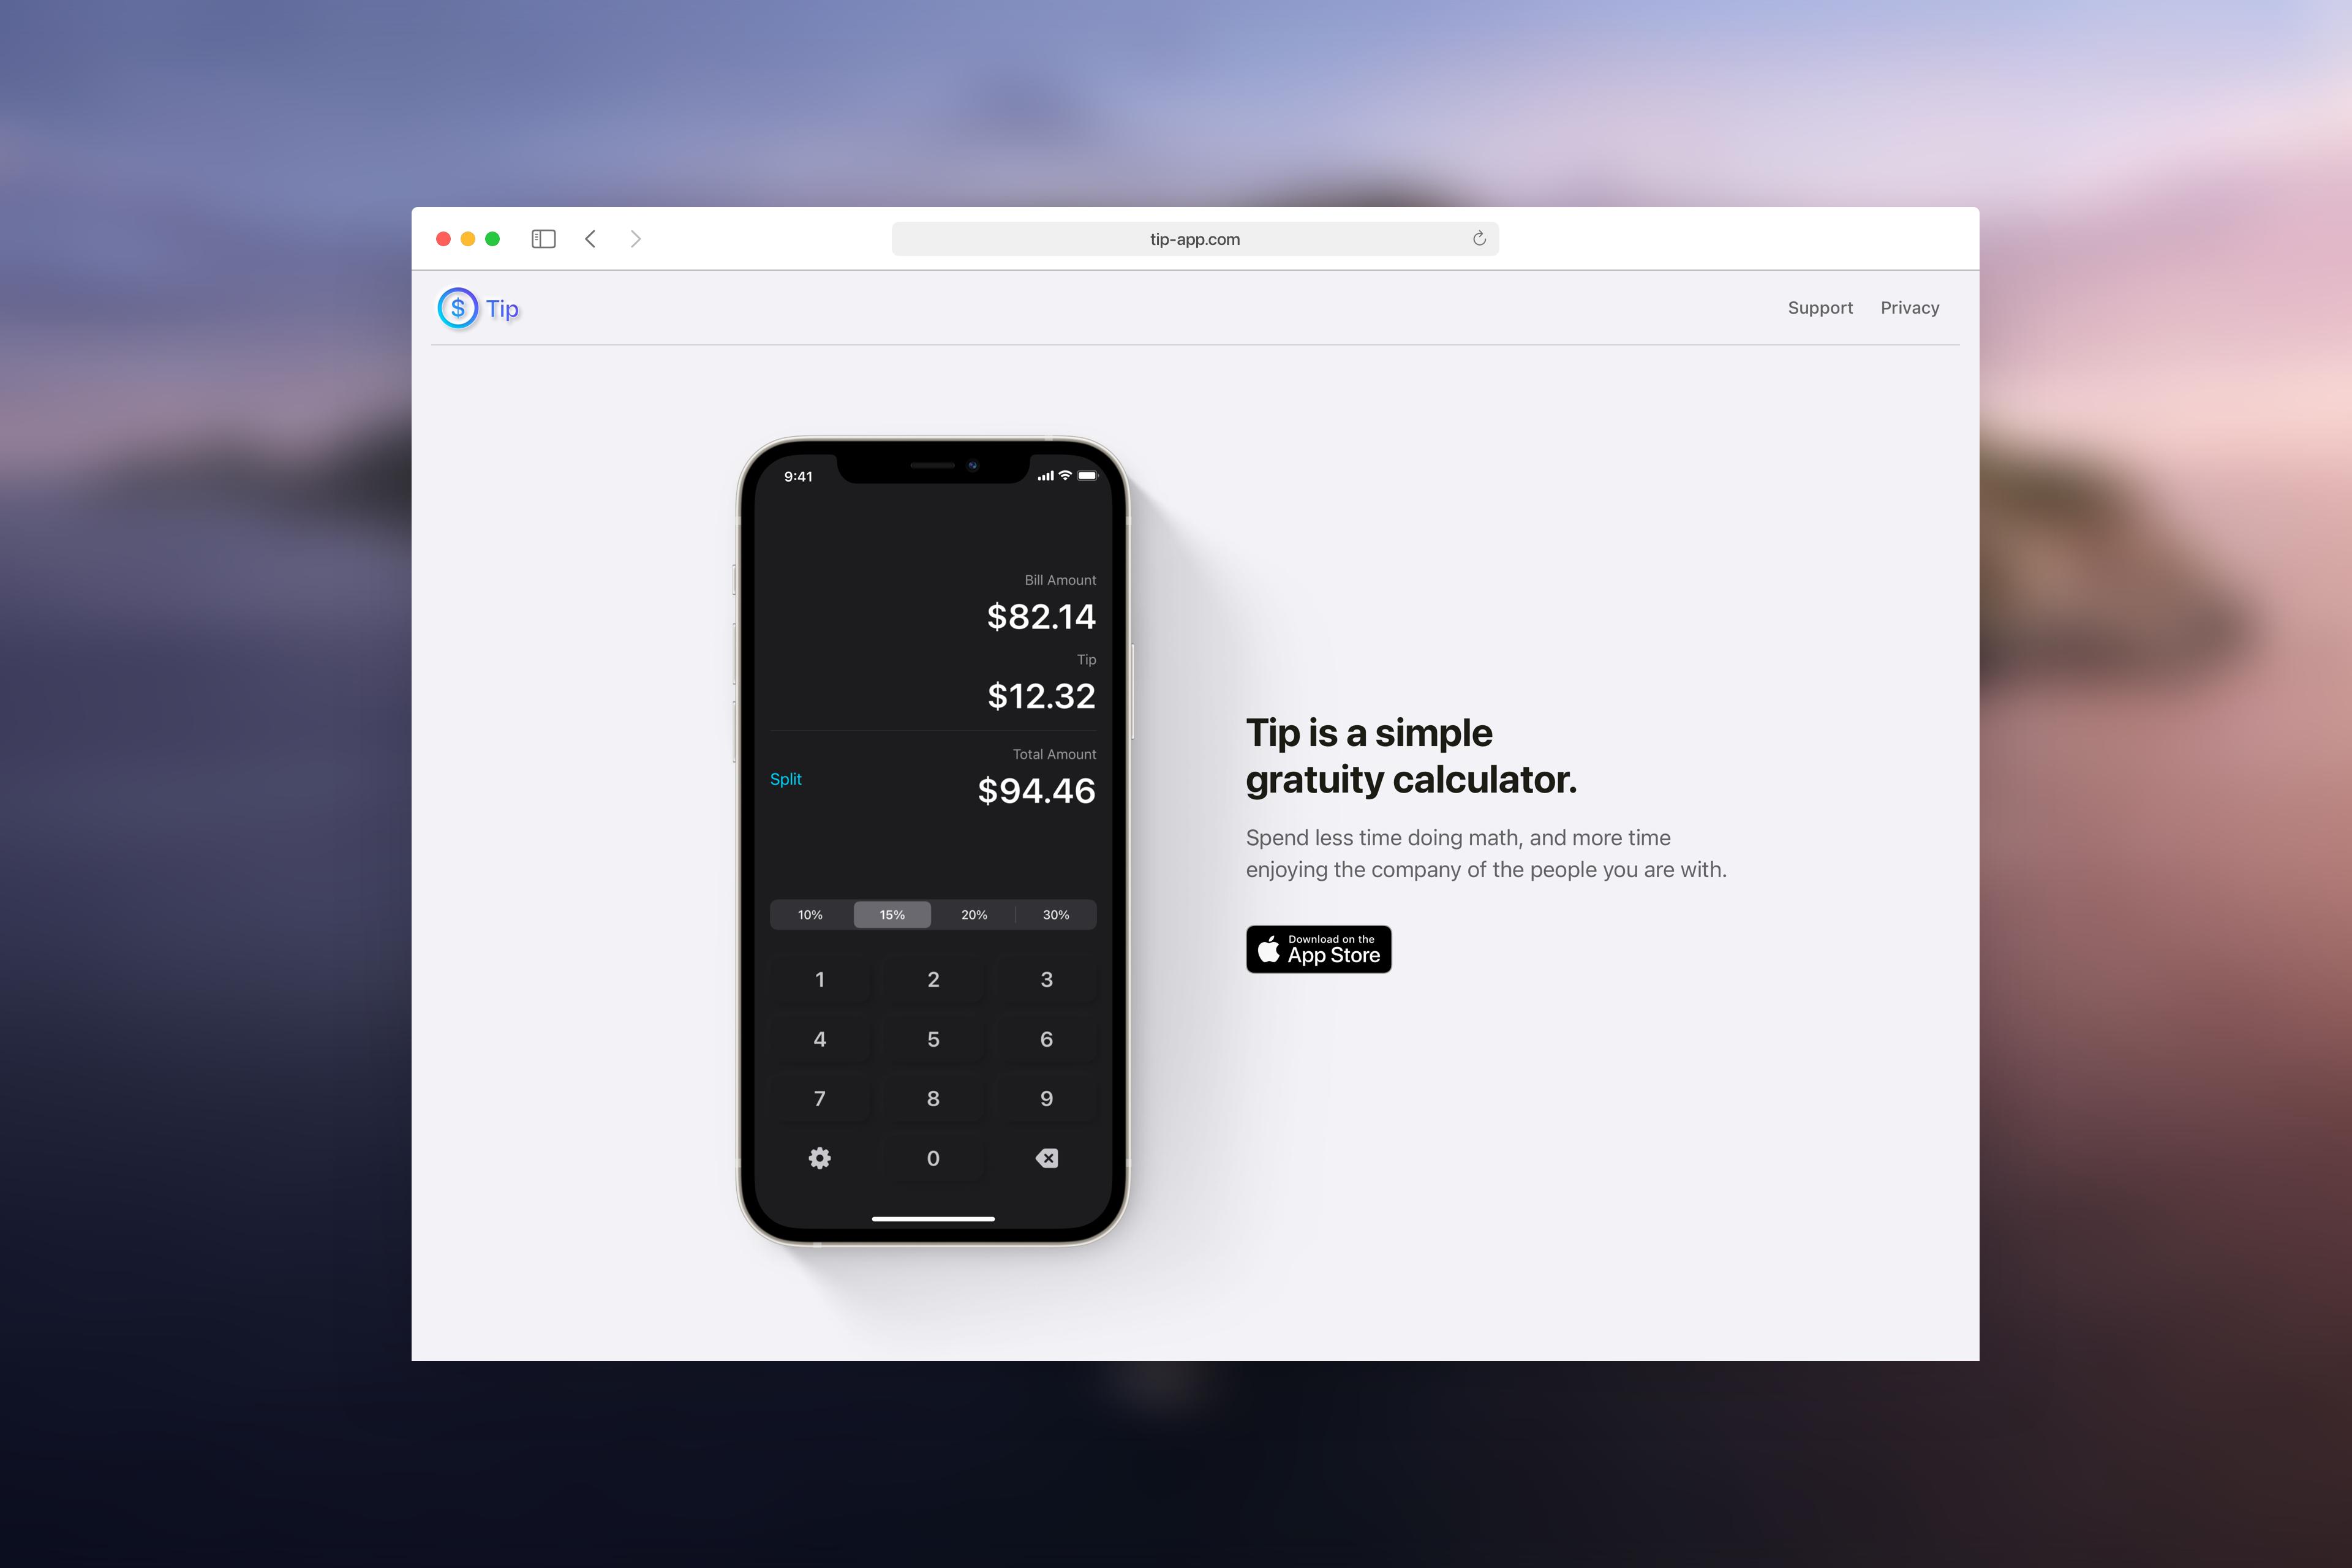 Tip App - Marketing Website